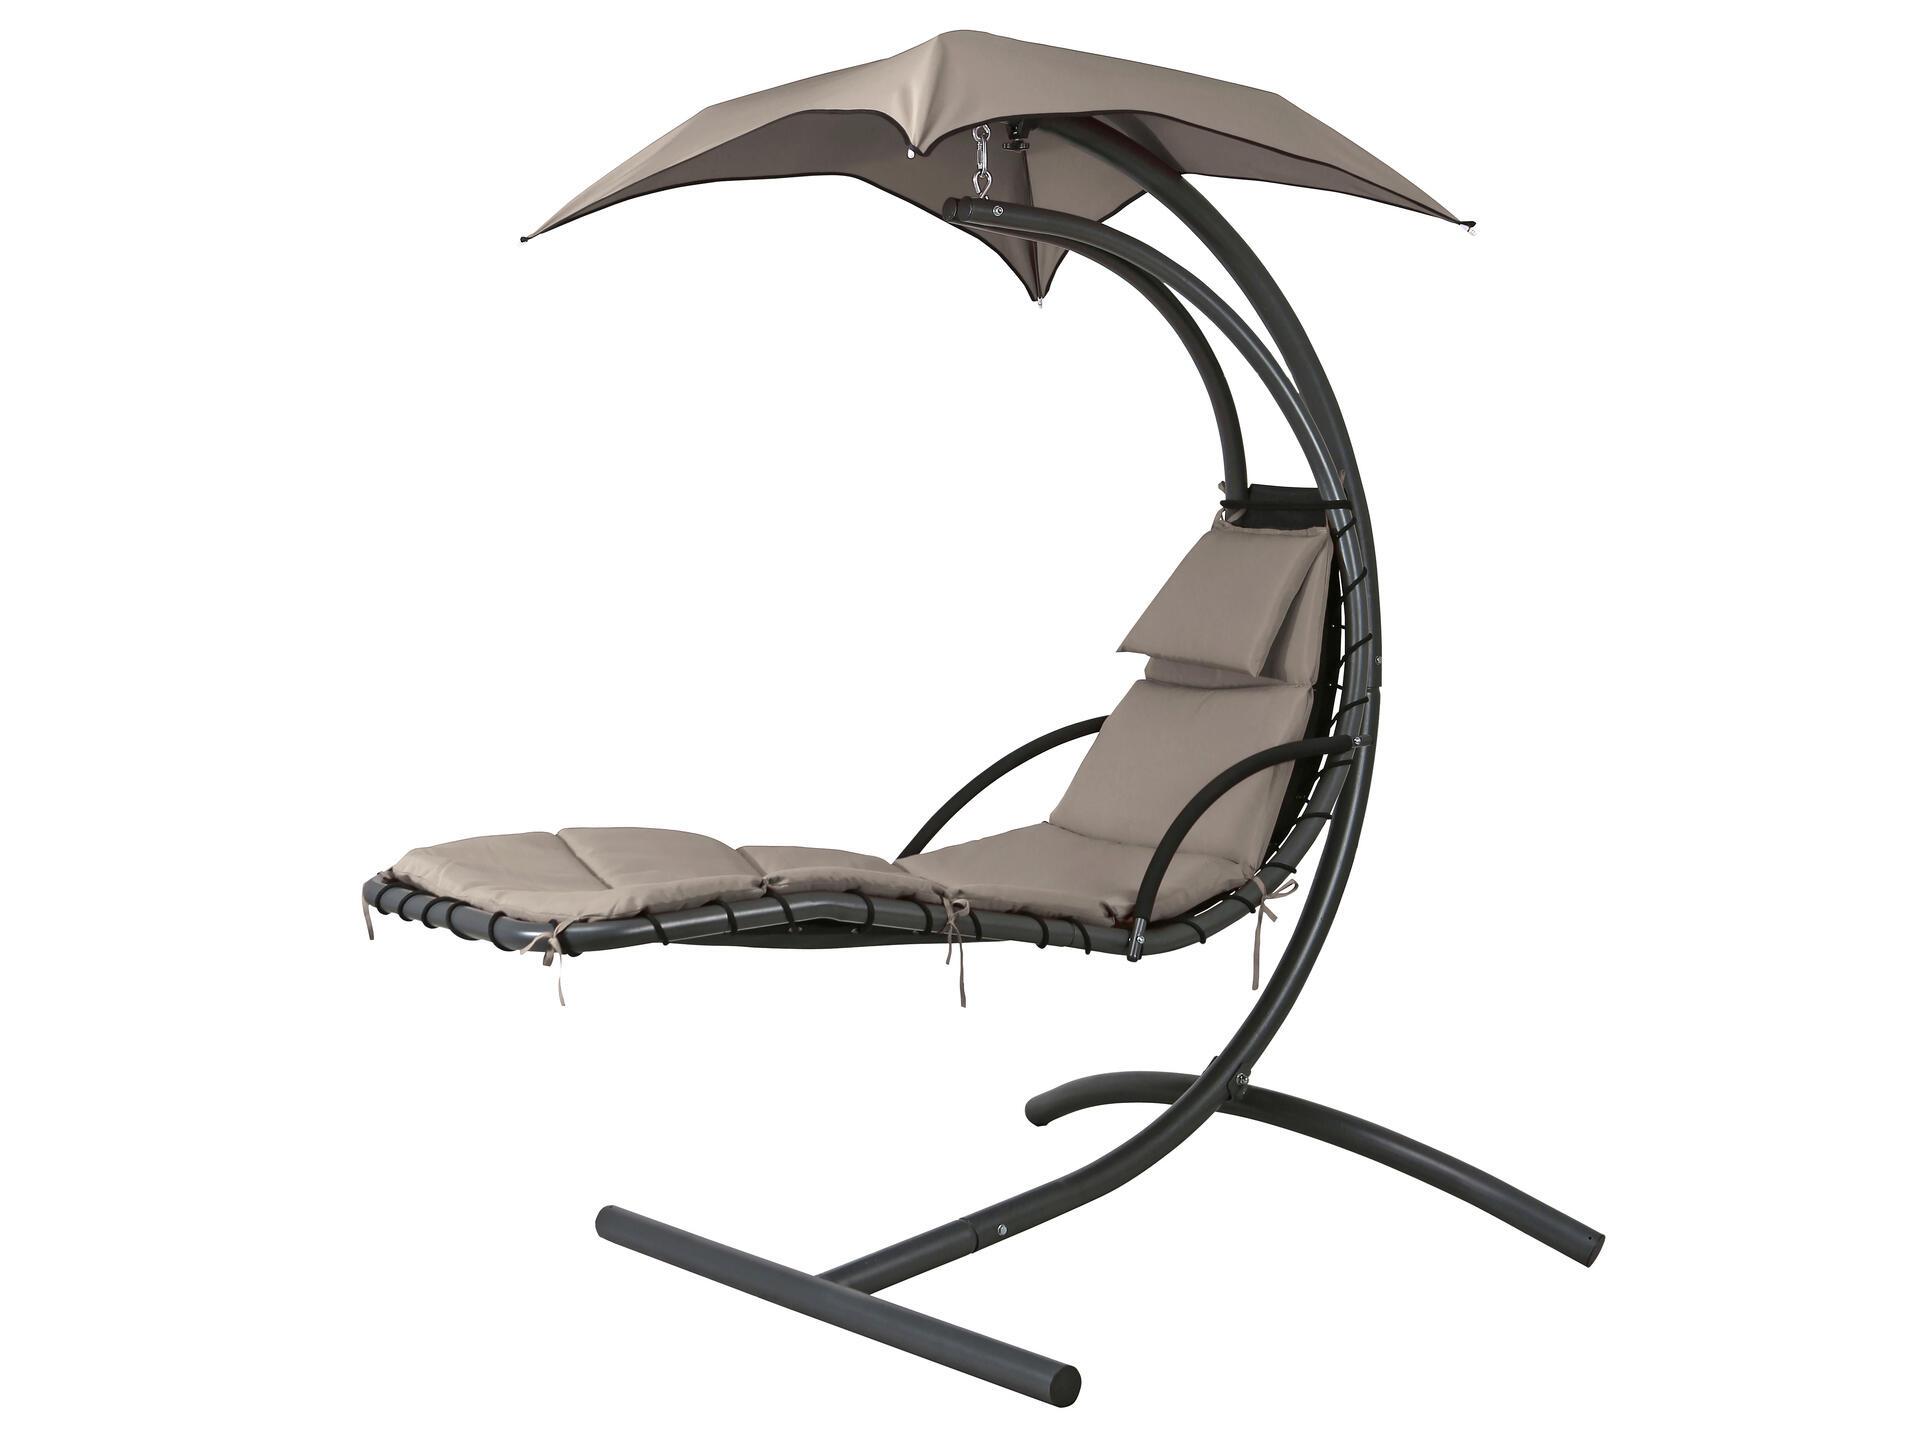 Fauteuil Suspendu D Exterieur garden plus nerja fauteuil suspendu gris